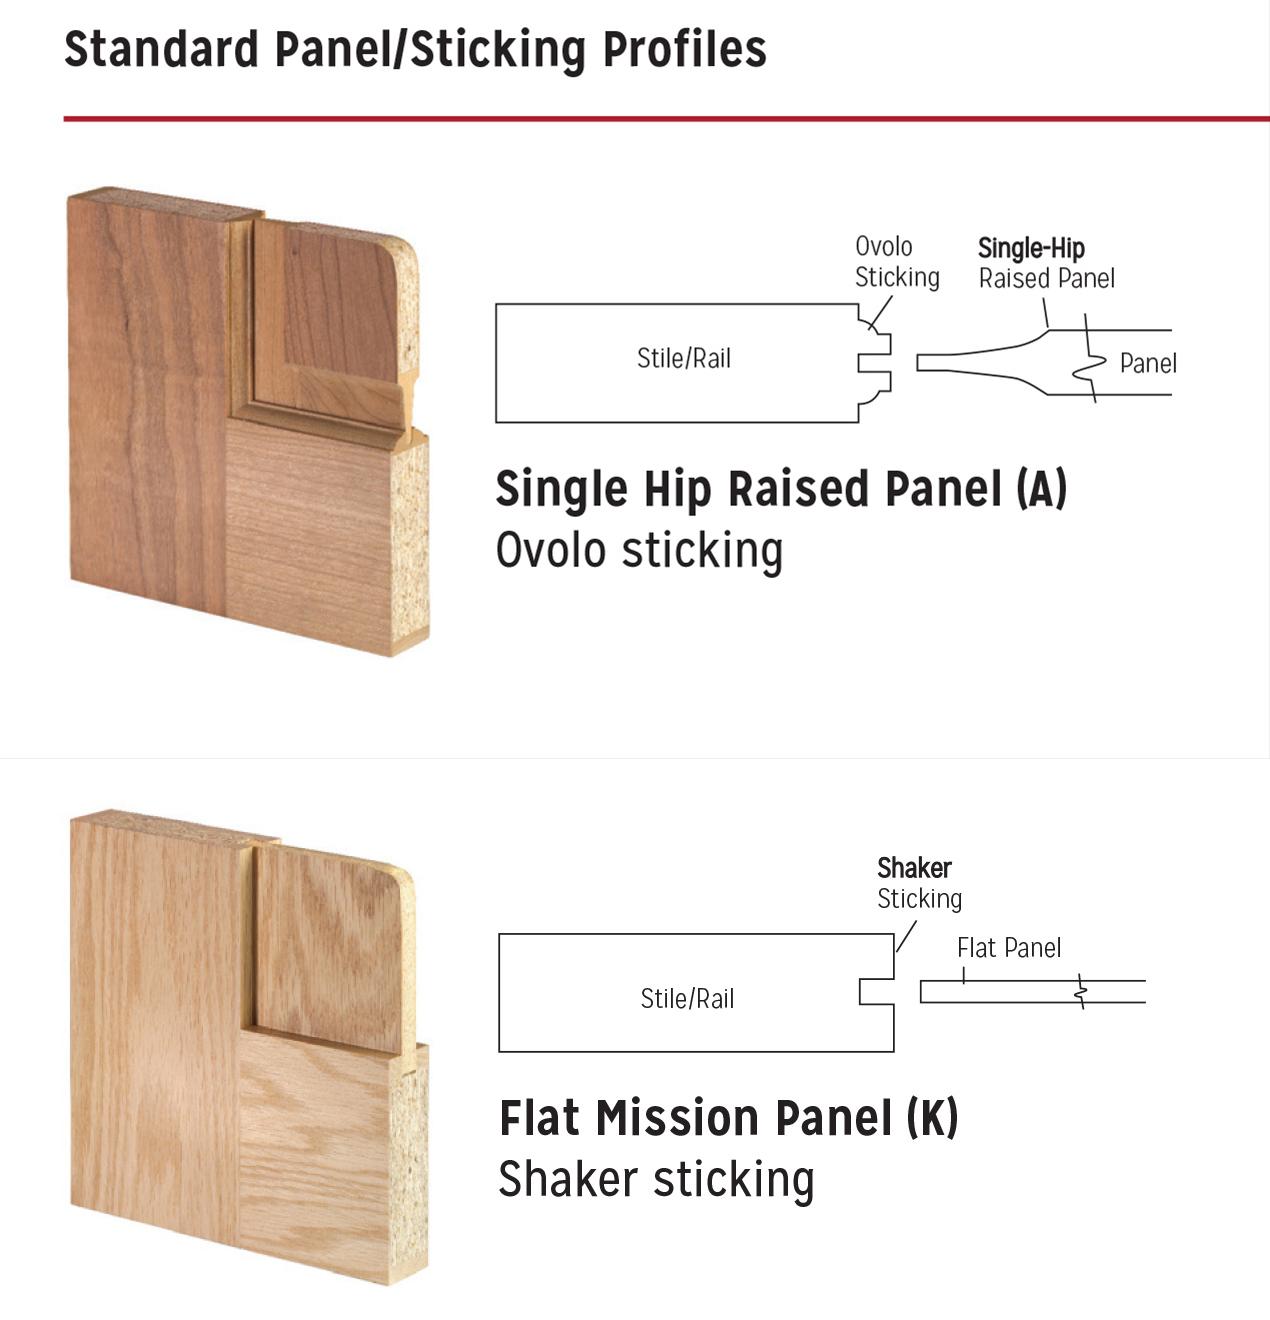 Madero stile rail wood panel